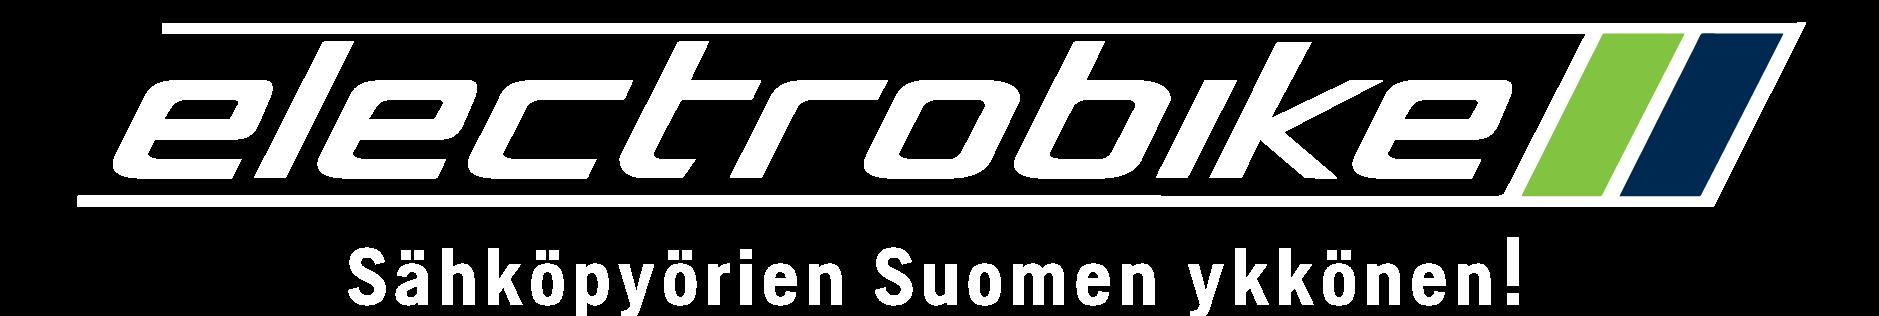 Electrobike - Sähköpyörien Suomen Ykkönen